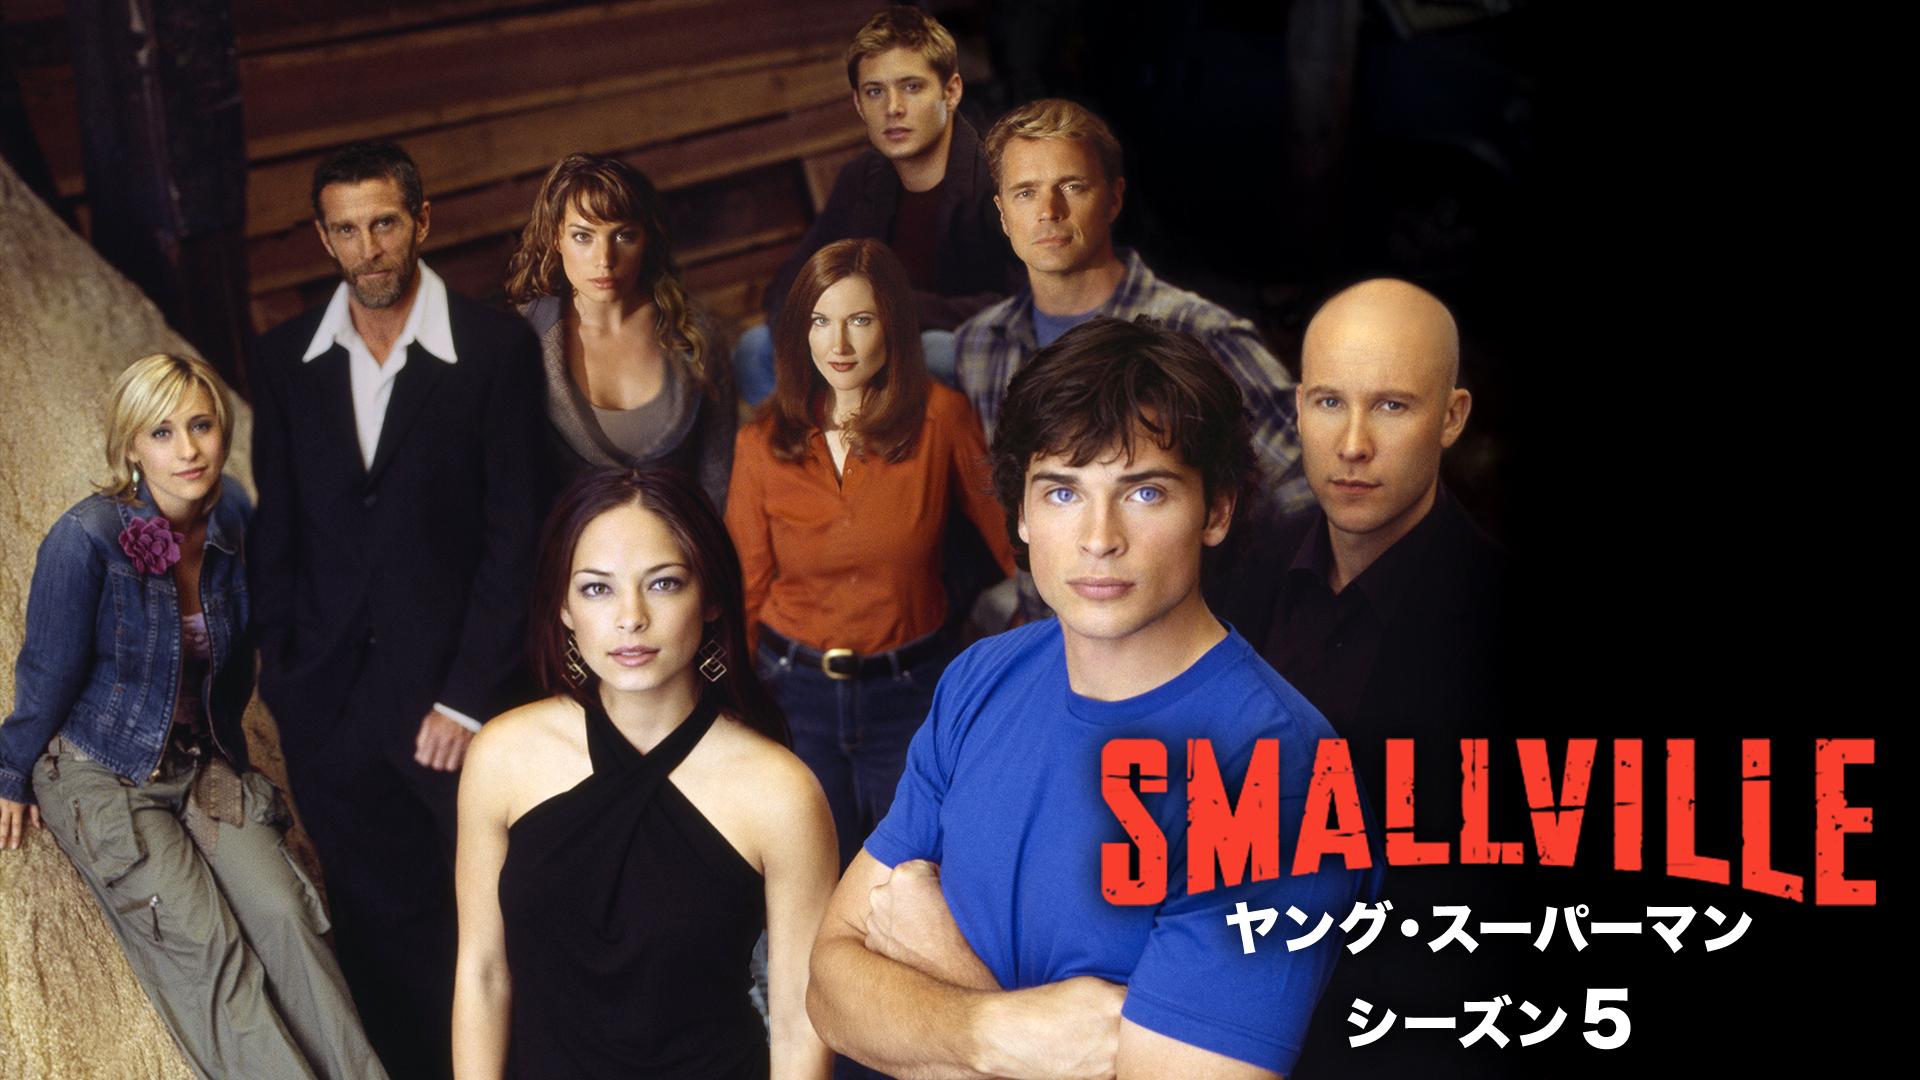 SMALLVILLE/ヤング・スーパーマン シーズン5の動画 - SMALLVILLE/ヤング・スーパーマン シーズン7